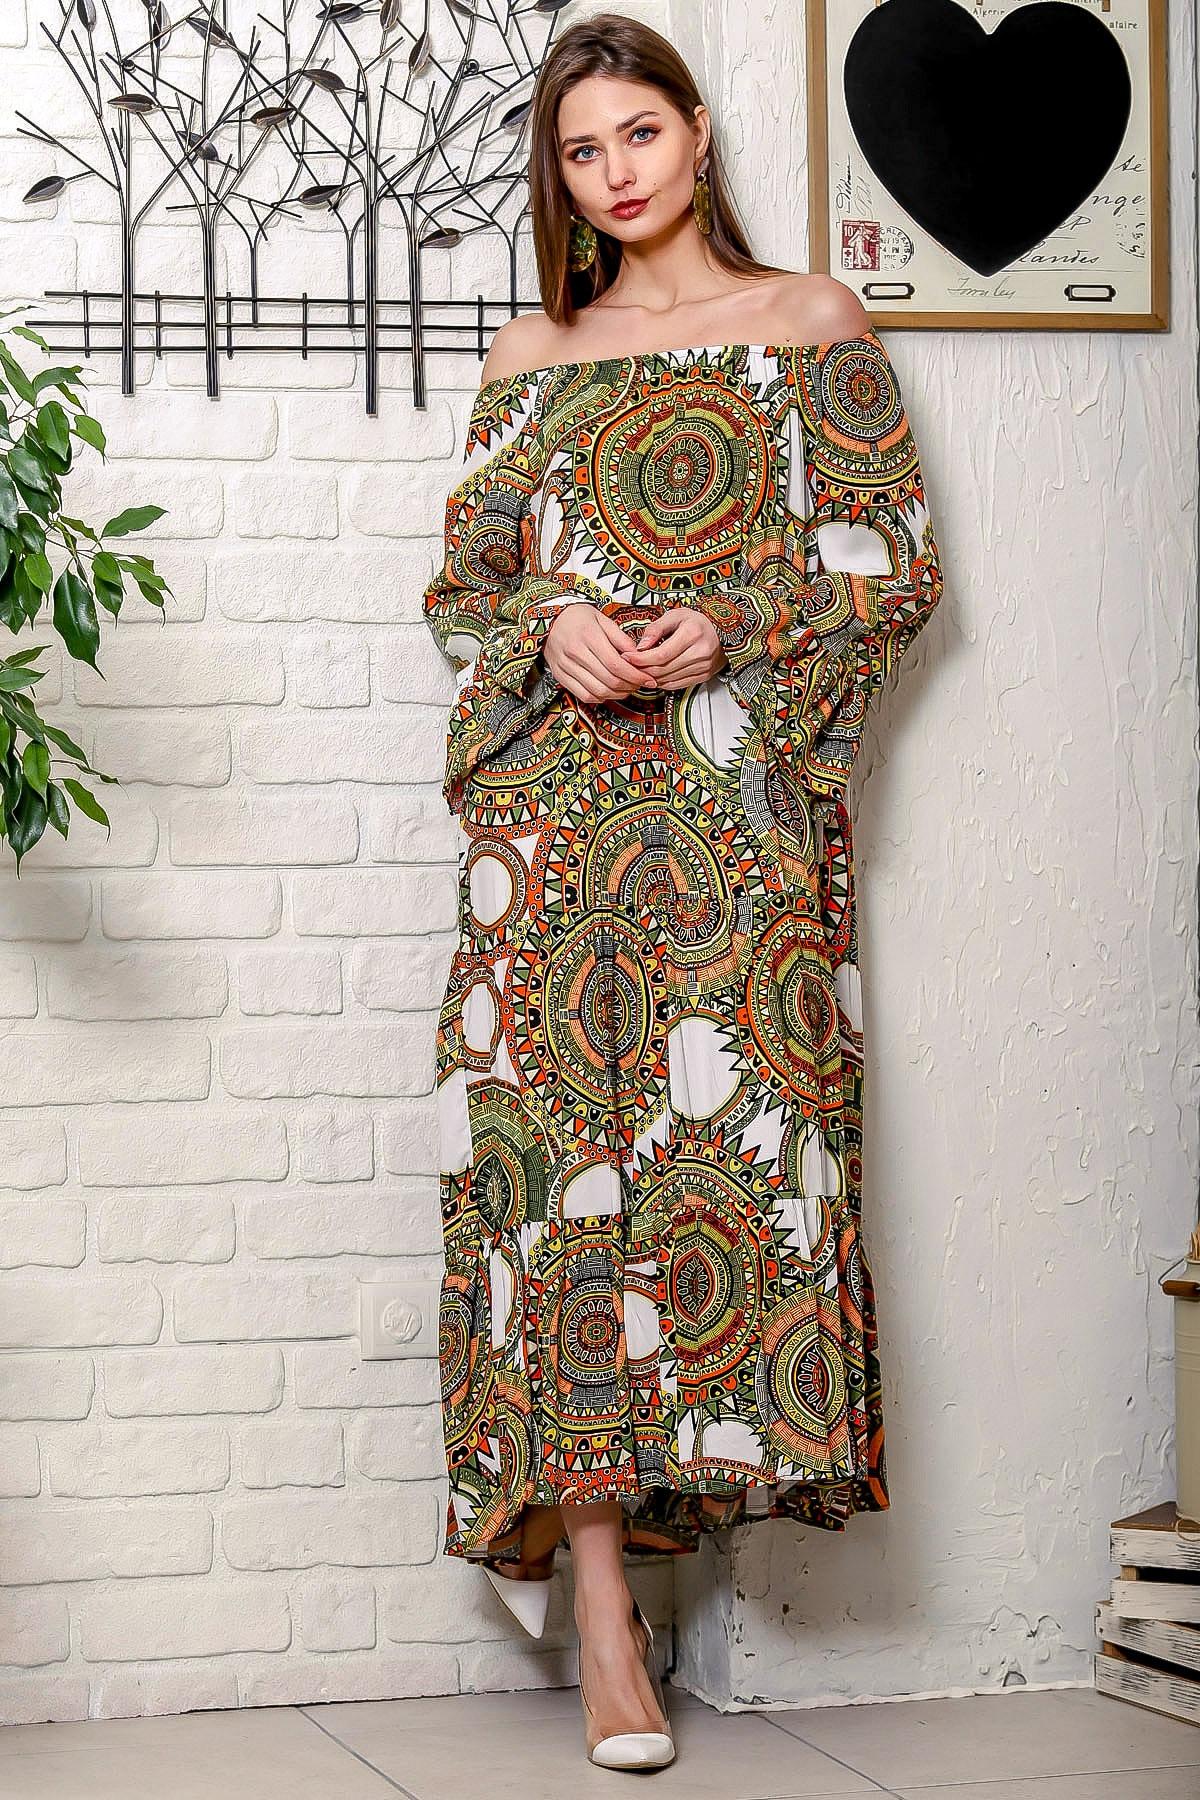 Chiccy Kadın Yeşil-Beyaz Carmen Yaka Geometrik Desenli Kol Ucu Volanlı Salaş Dokuma Elbise M10160000EL95906 2